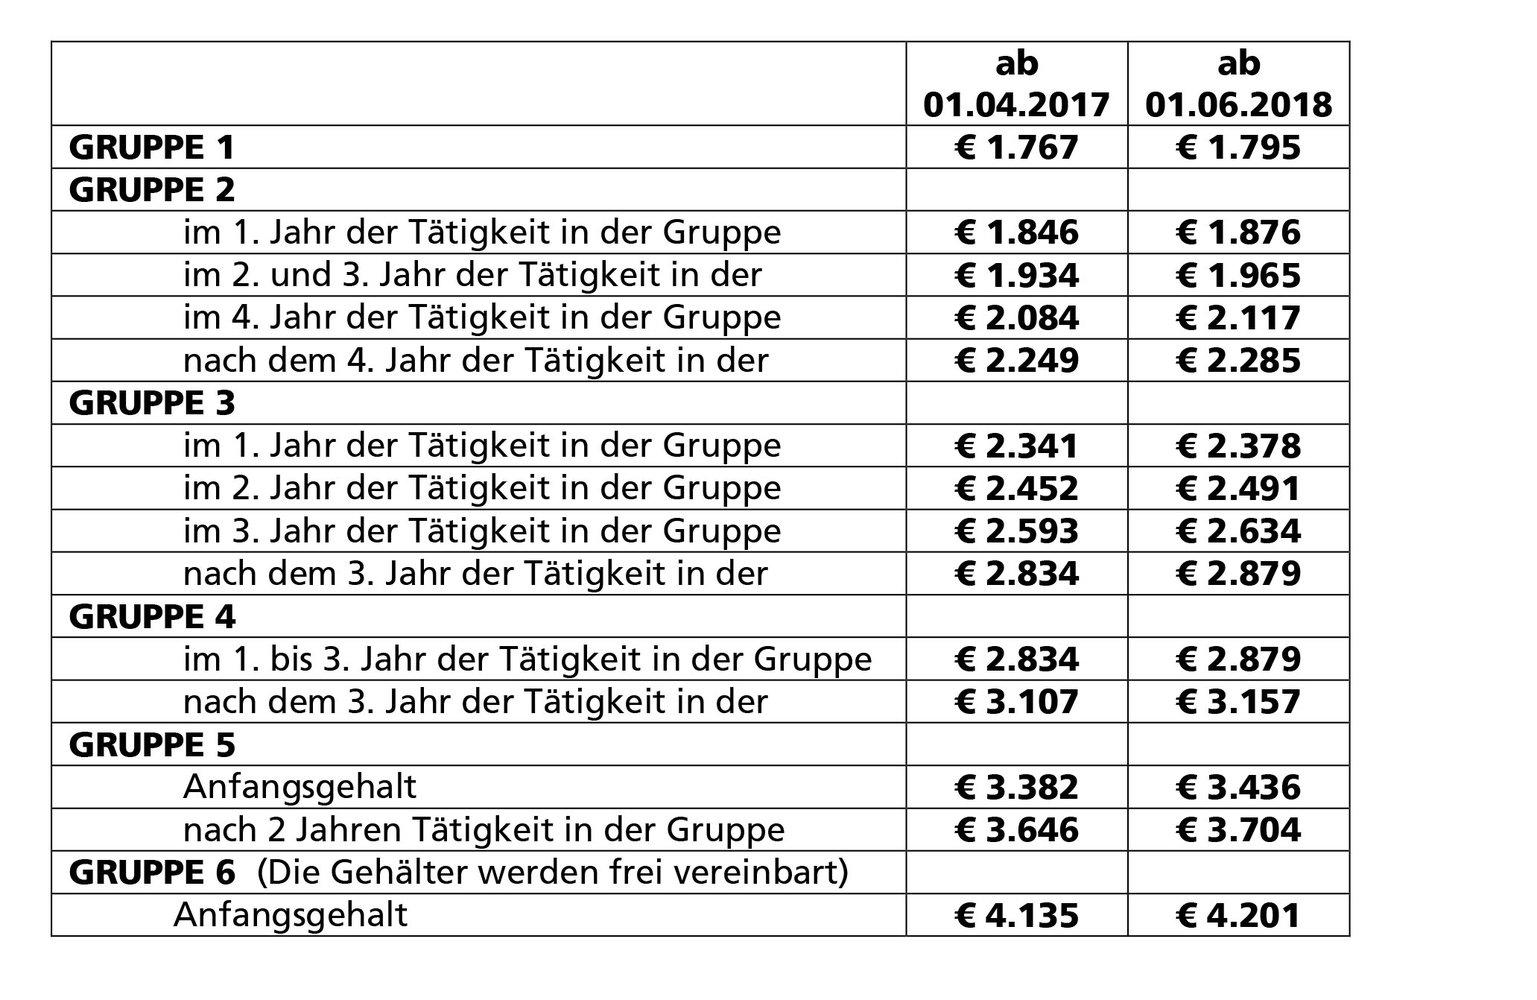 Manteltarifvertrag lohngruppe 4